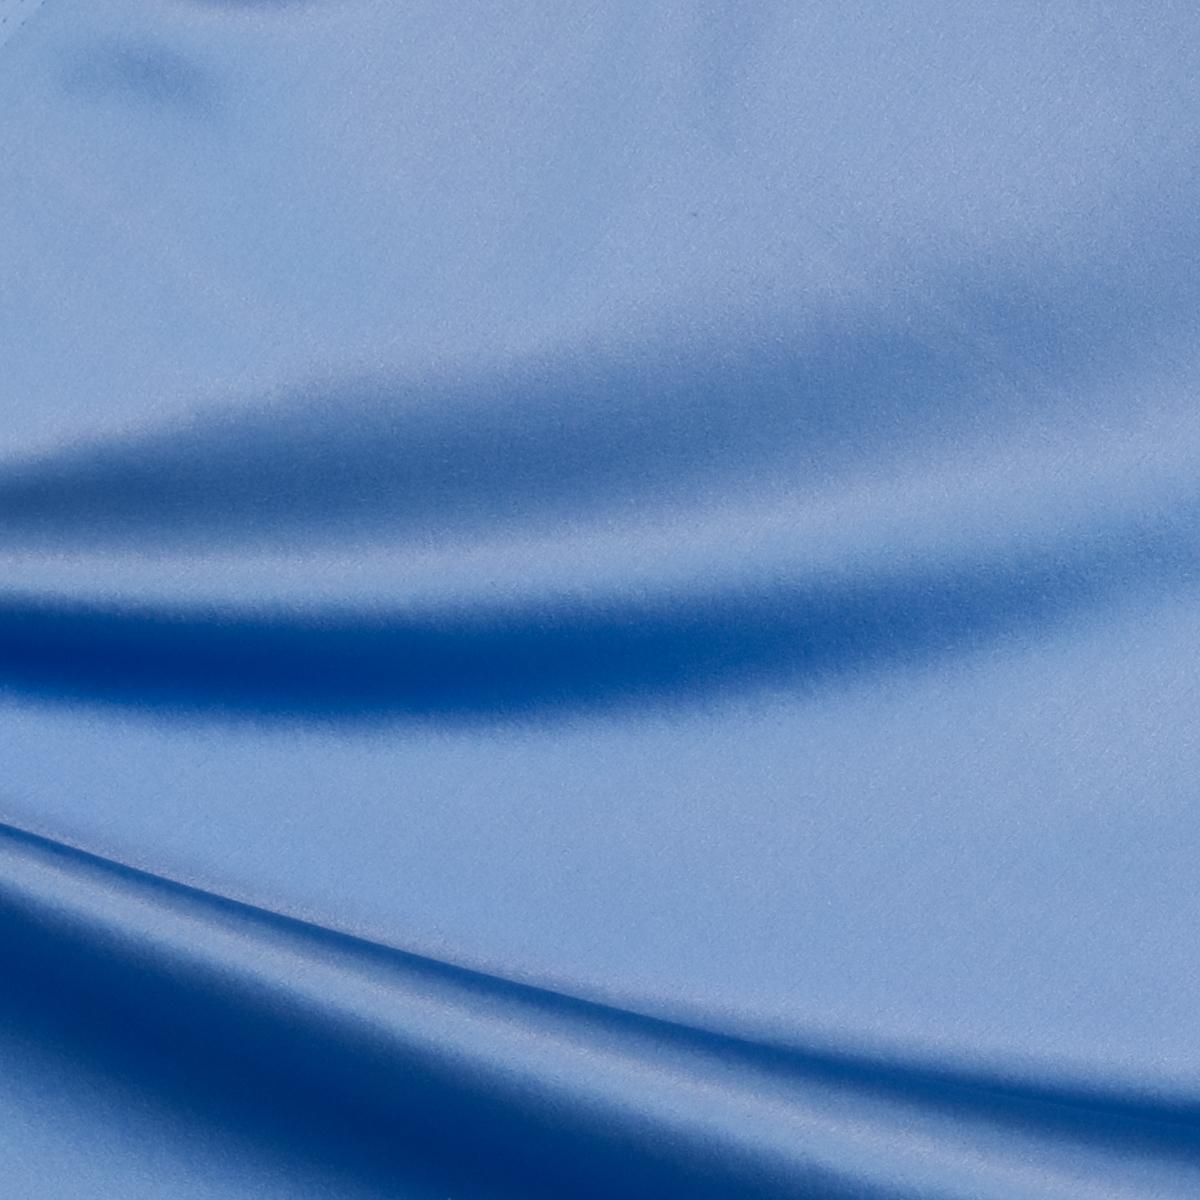 Шелковый стретч-атлас василькового цвета